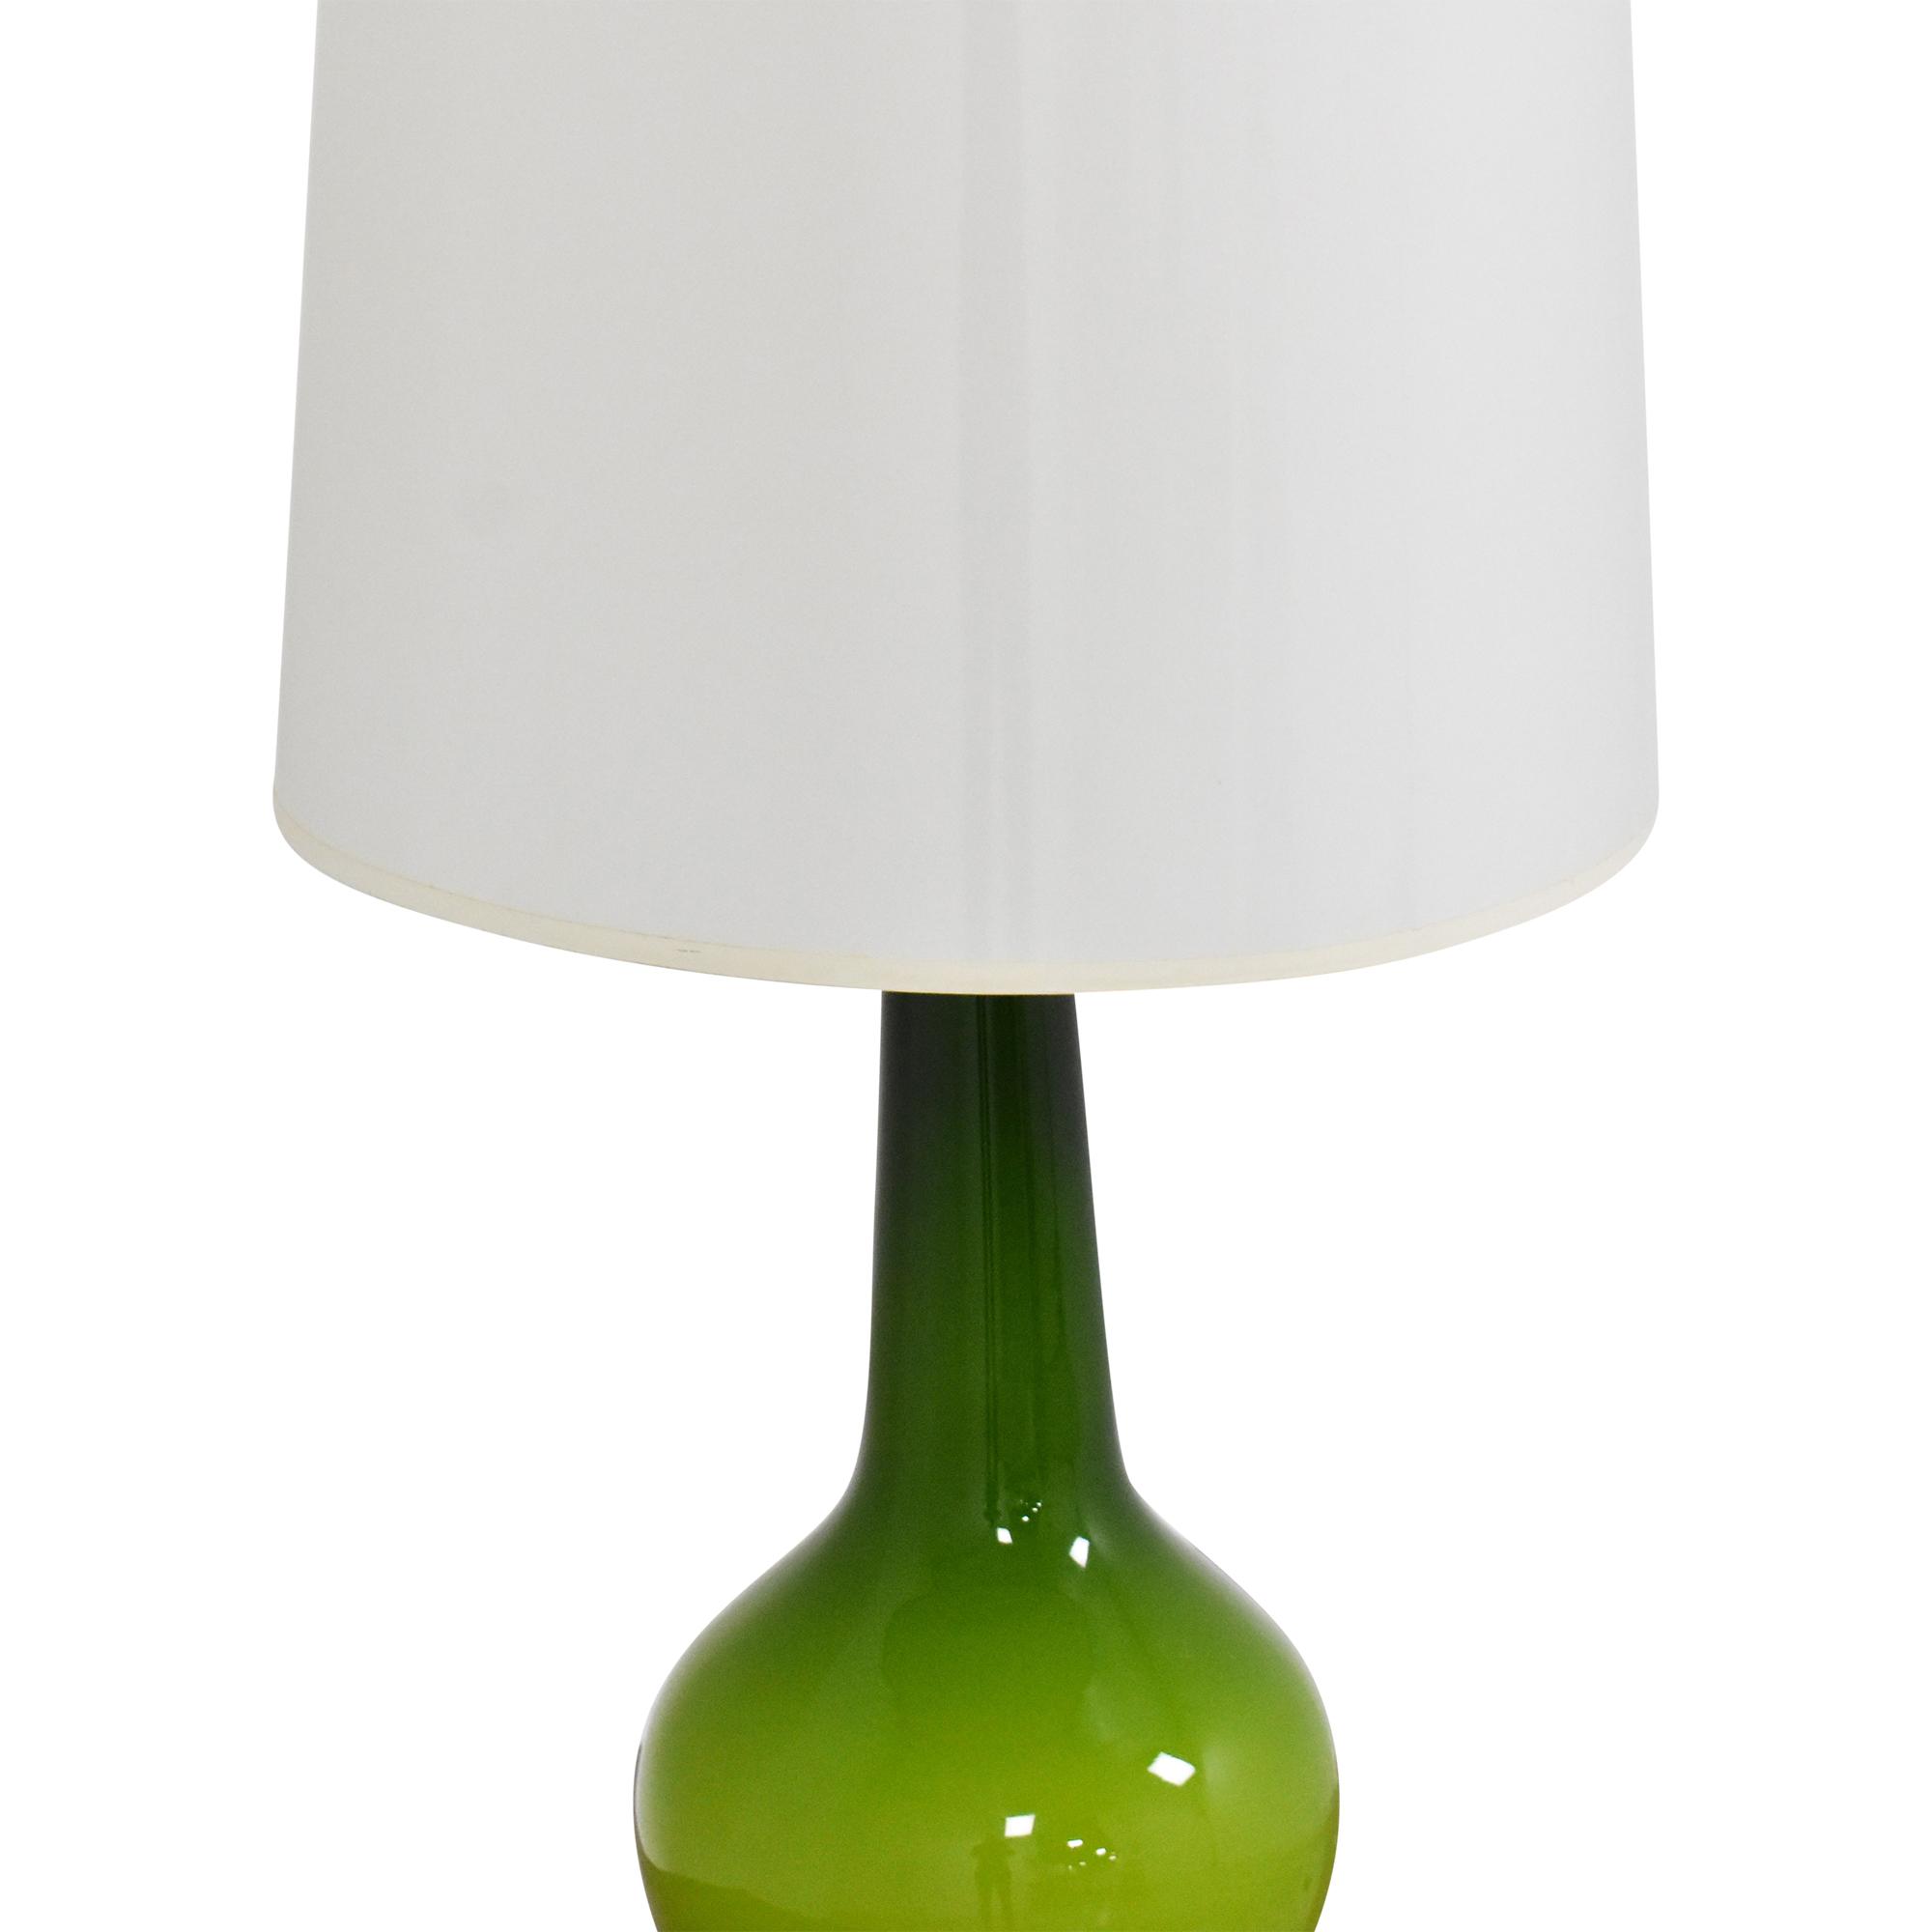 Jonathan Adler Jonathan Adler Capri Bottle Table Lamp green and off white